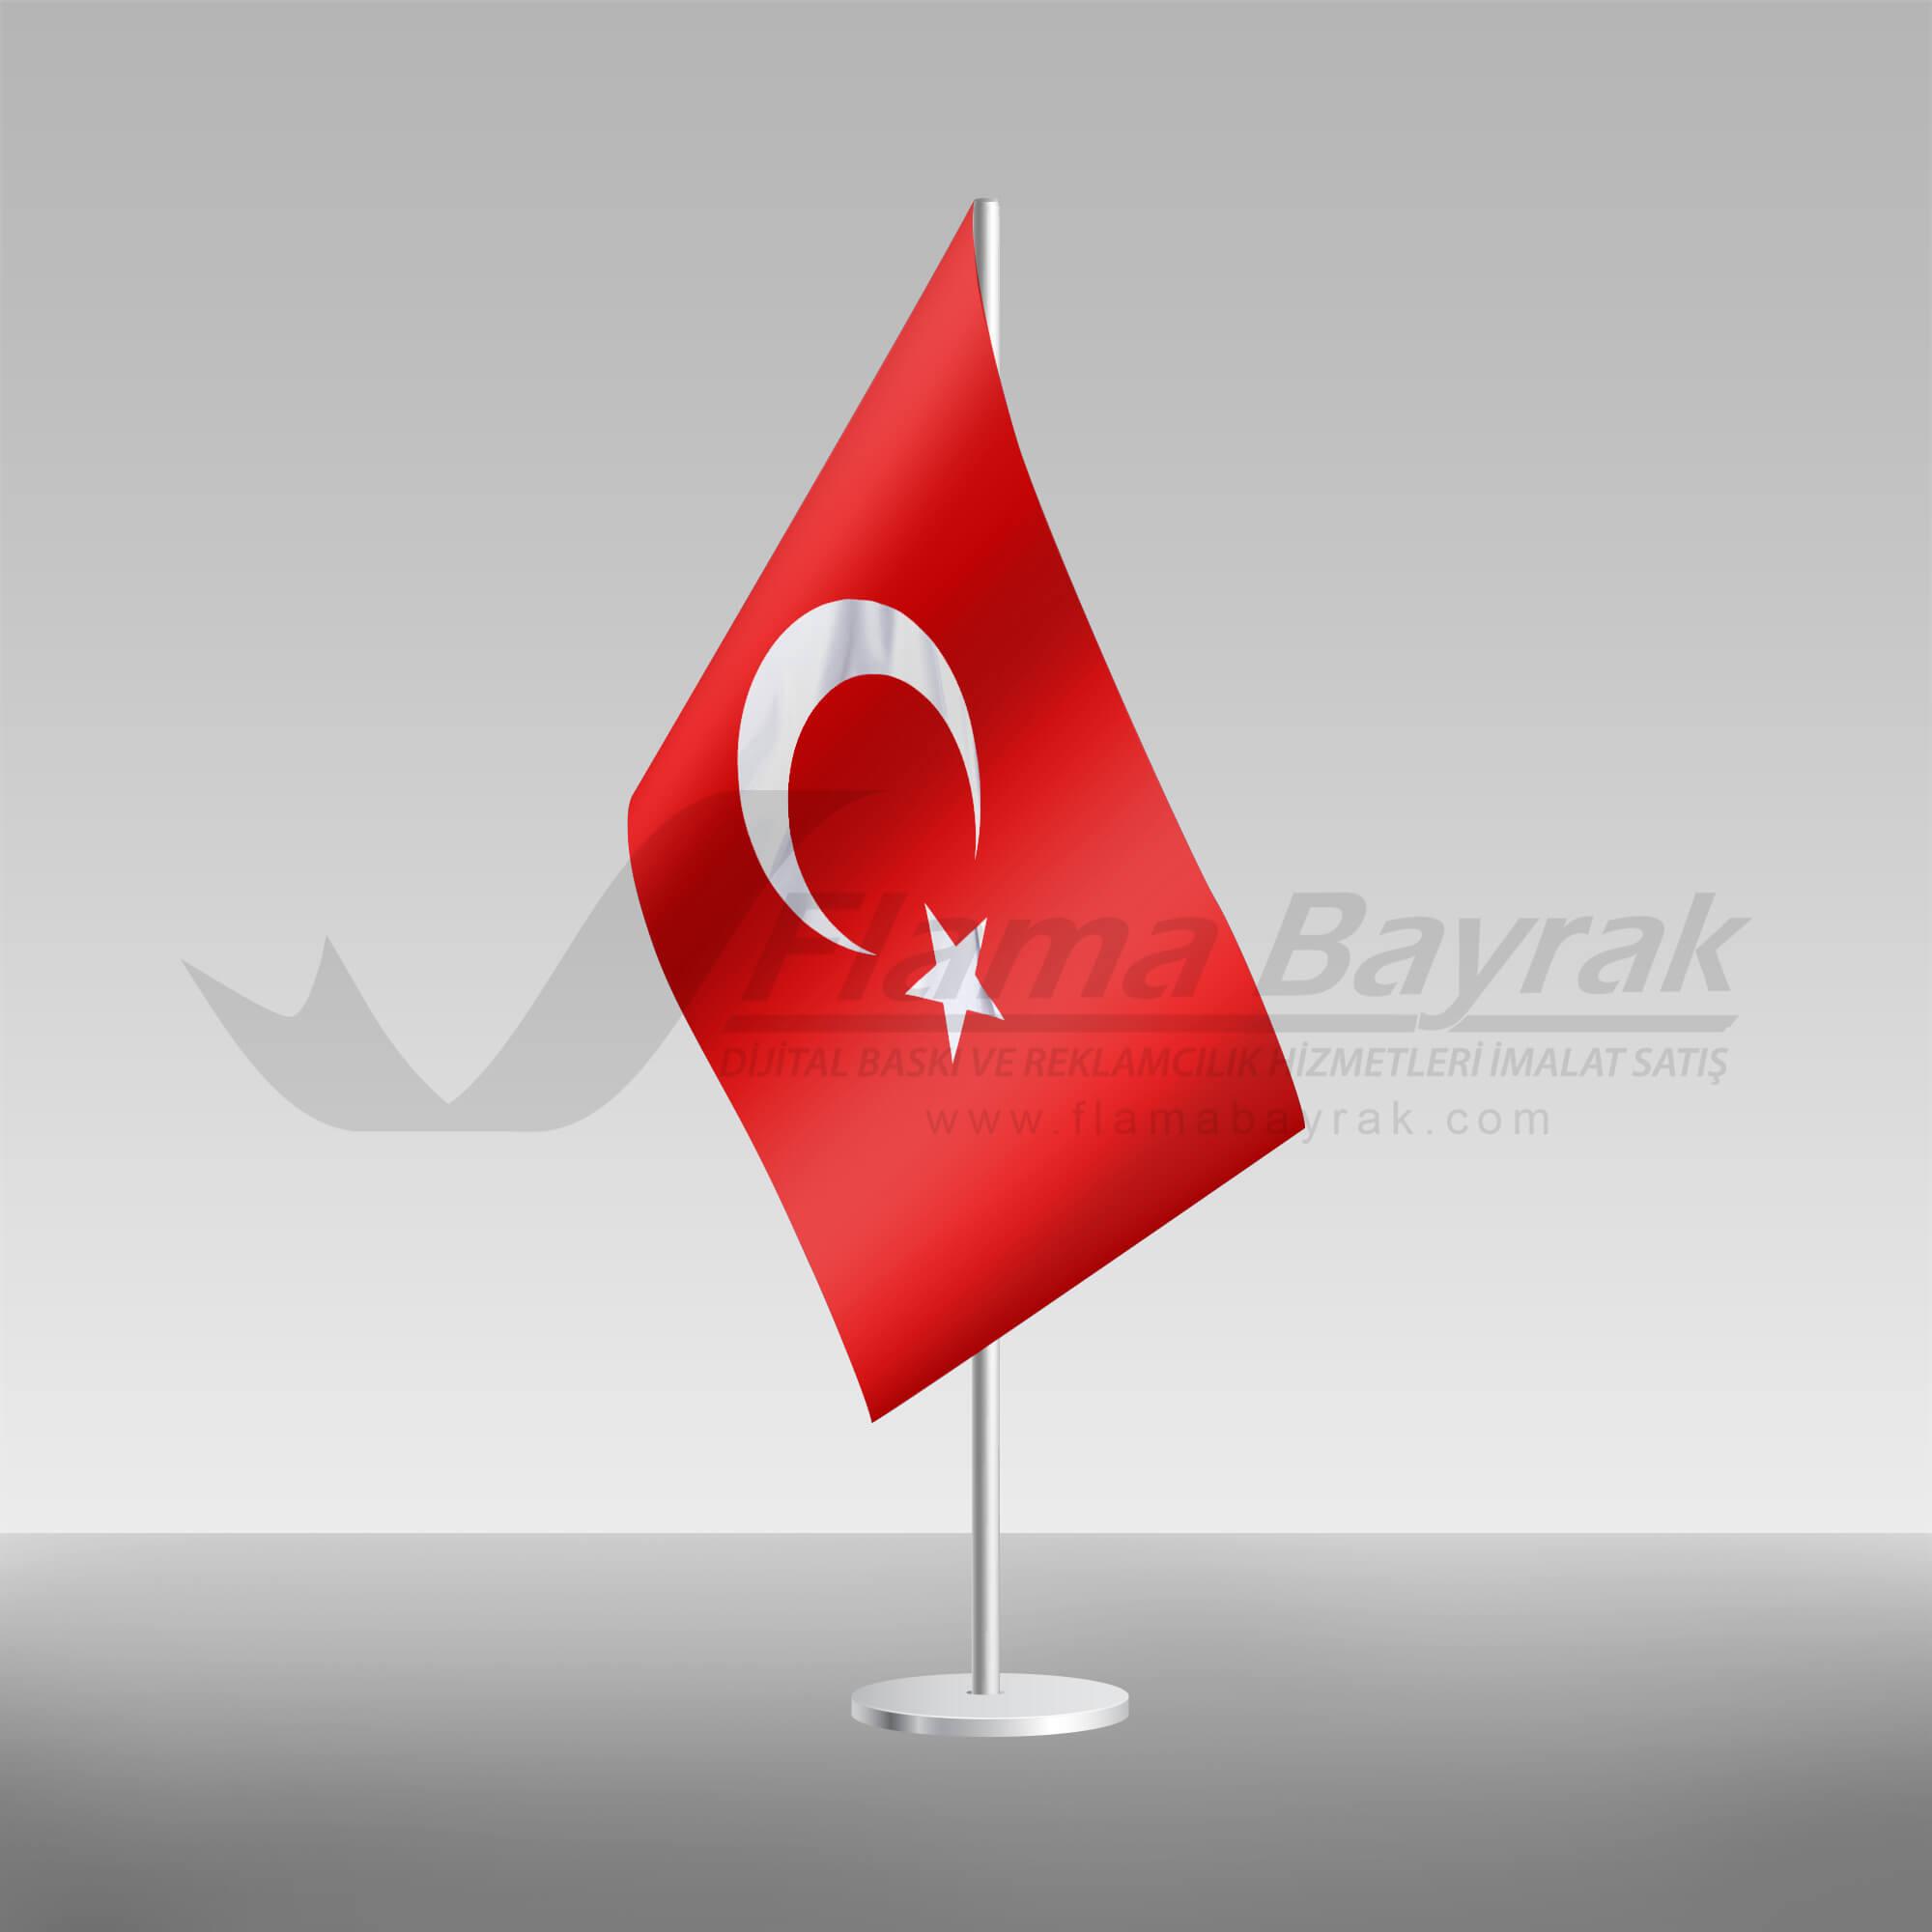 ofis Türk Bayrağı Türk Bayrağı